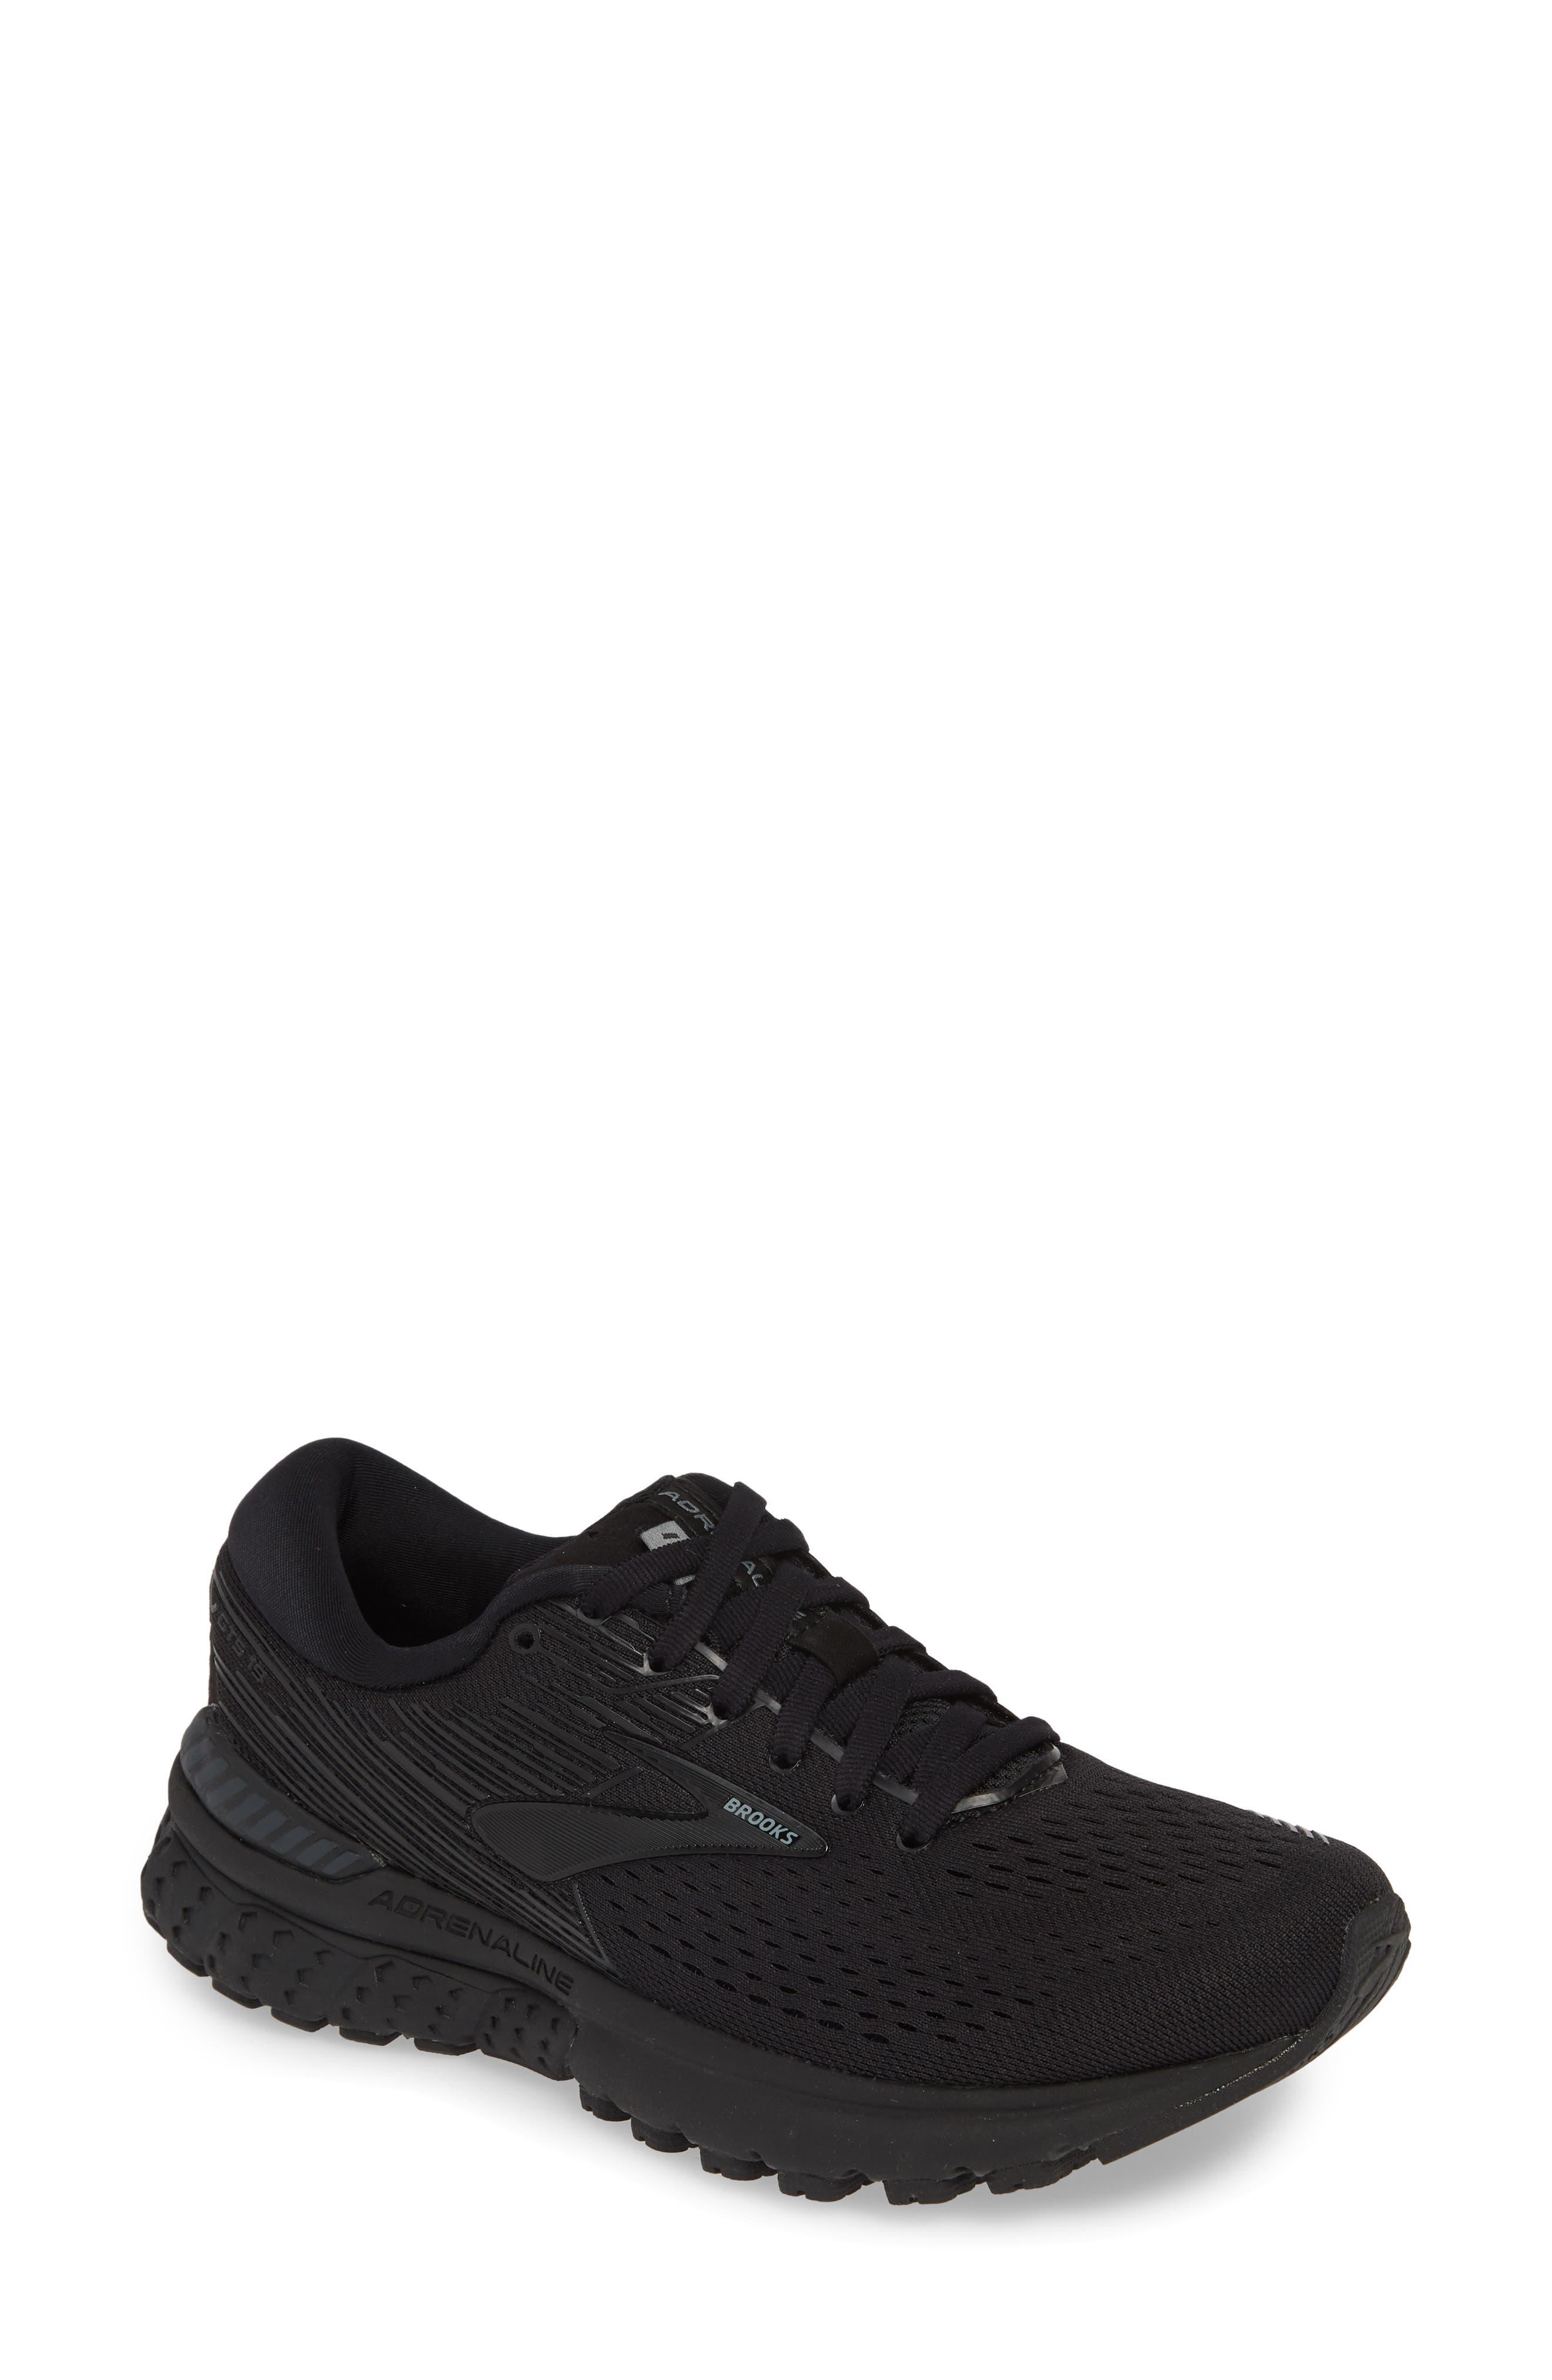 Brooks Adrenaline Gts 19 Running Shoe, Black